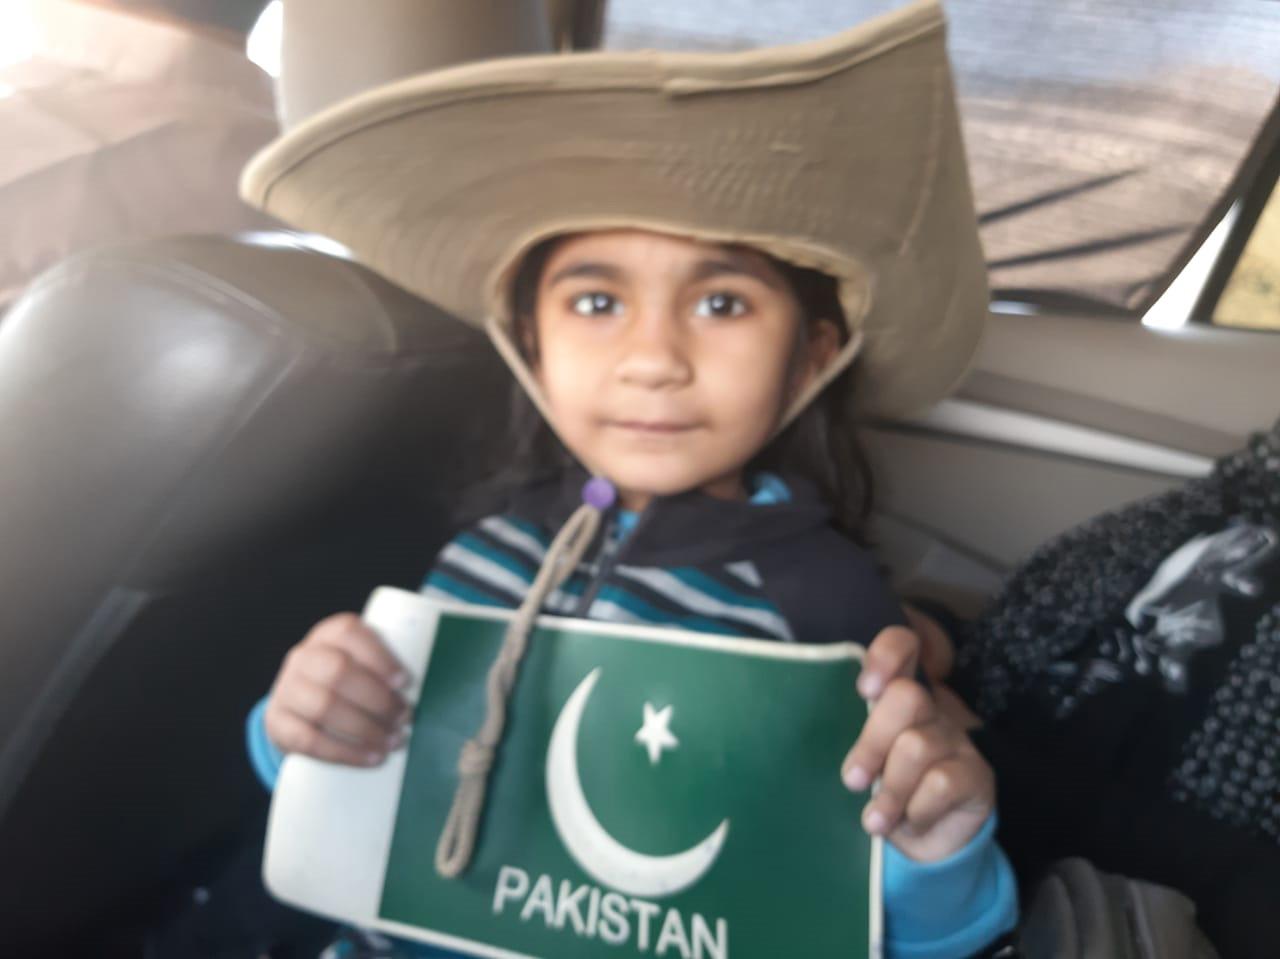 Ayesha Dad Khan being patriotic.